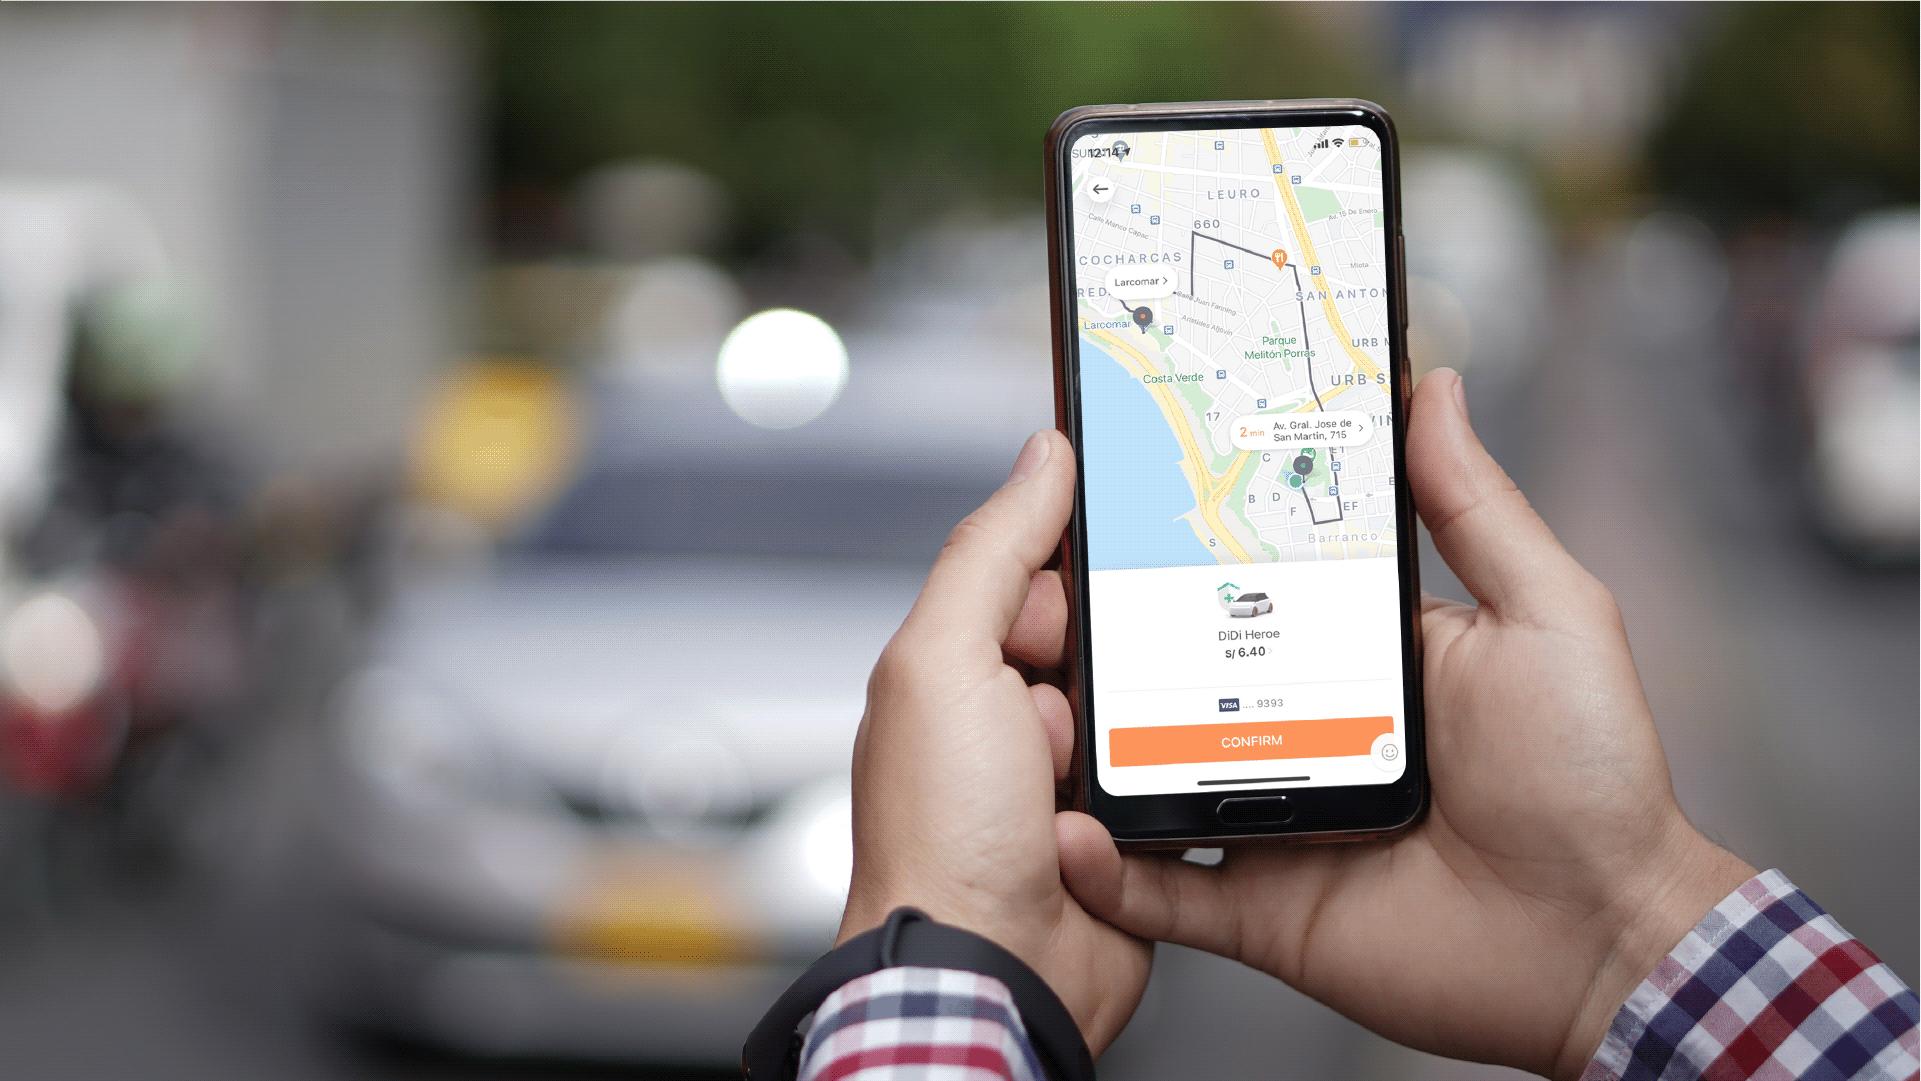 DiDi activa su nueva opción DiDi Héroe que conecta con taxistas autorizados por la ATU